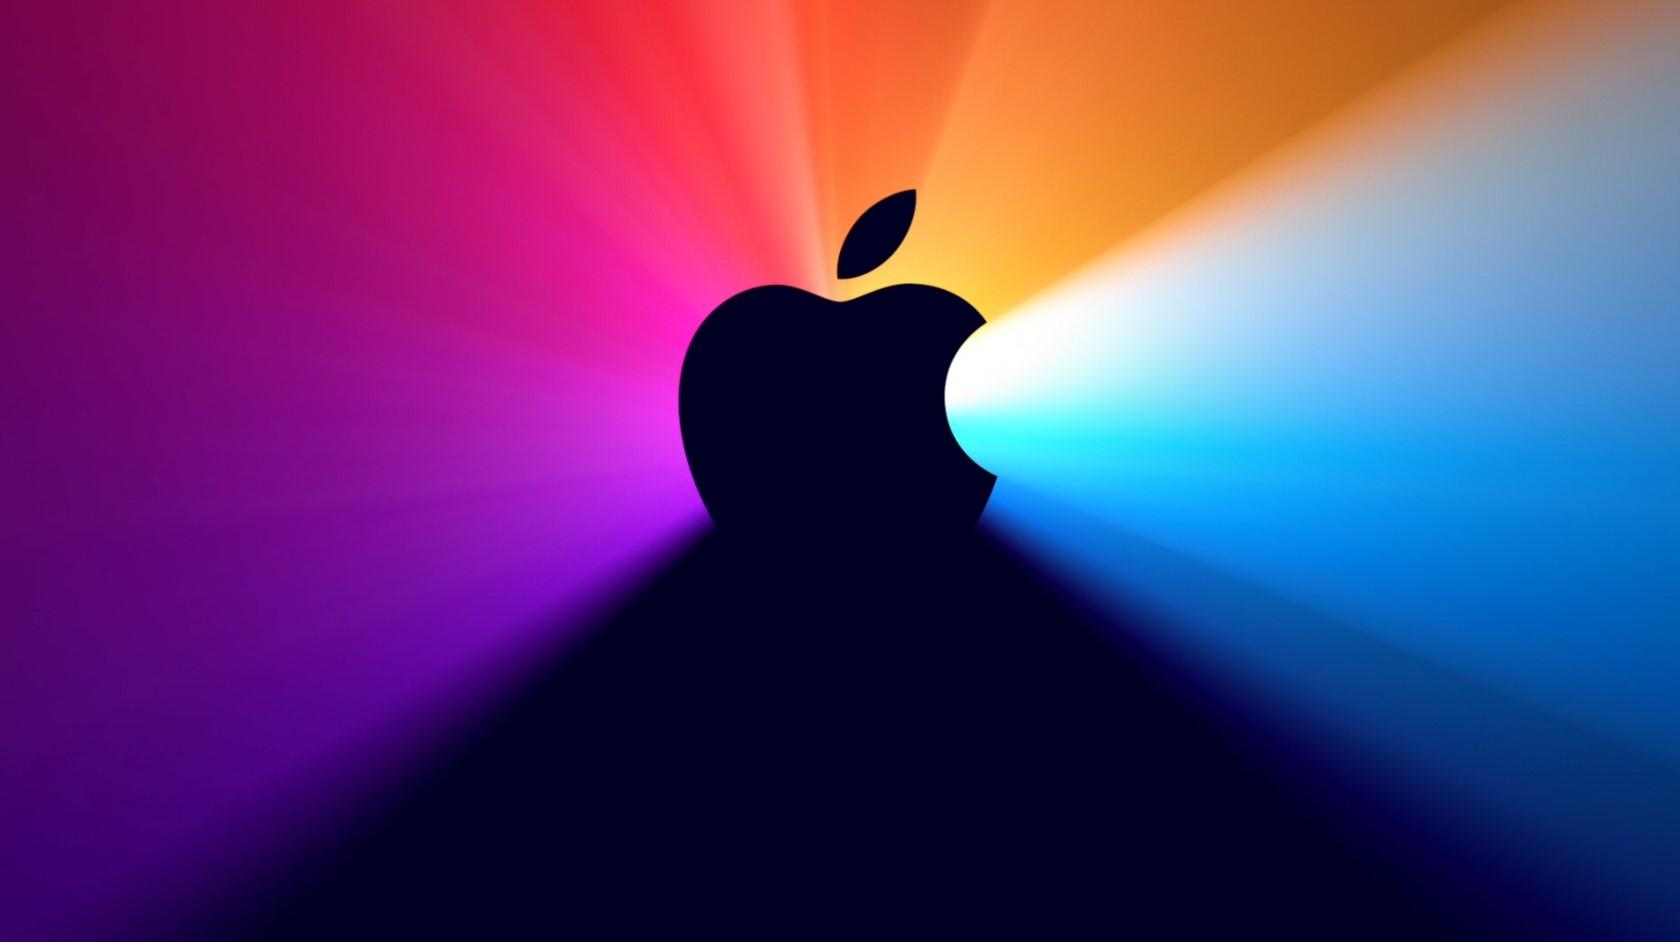 Apple aurait encore de nouveaux produits à dévoiler en décembre